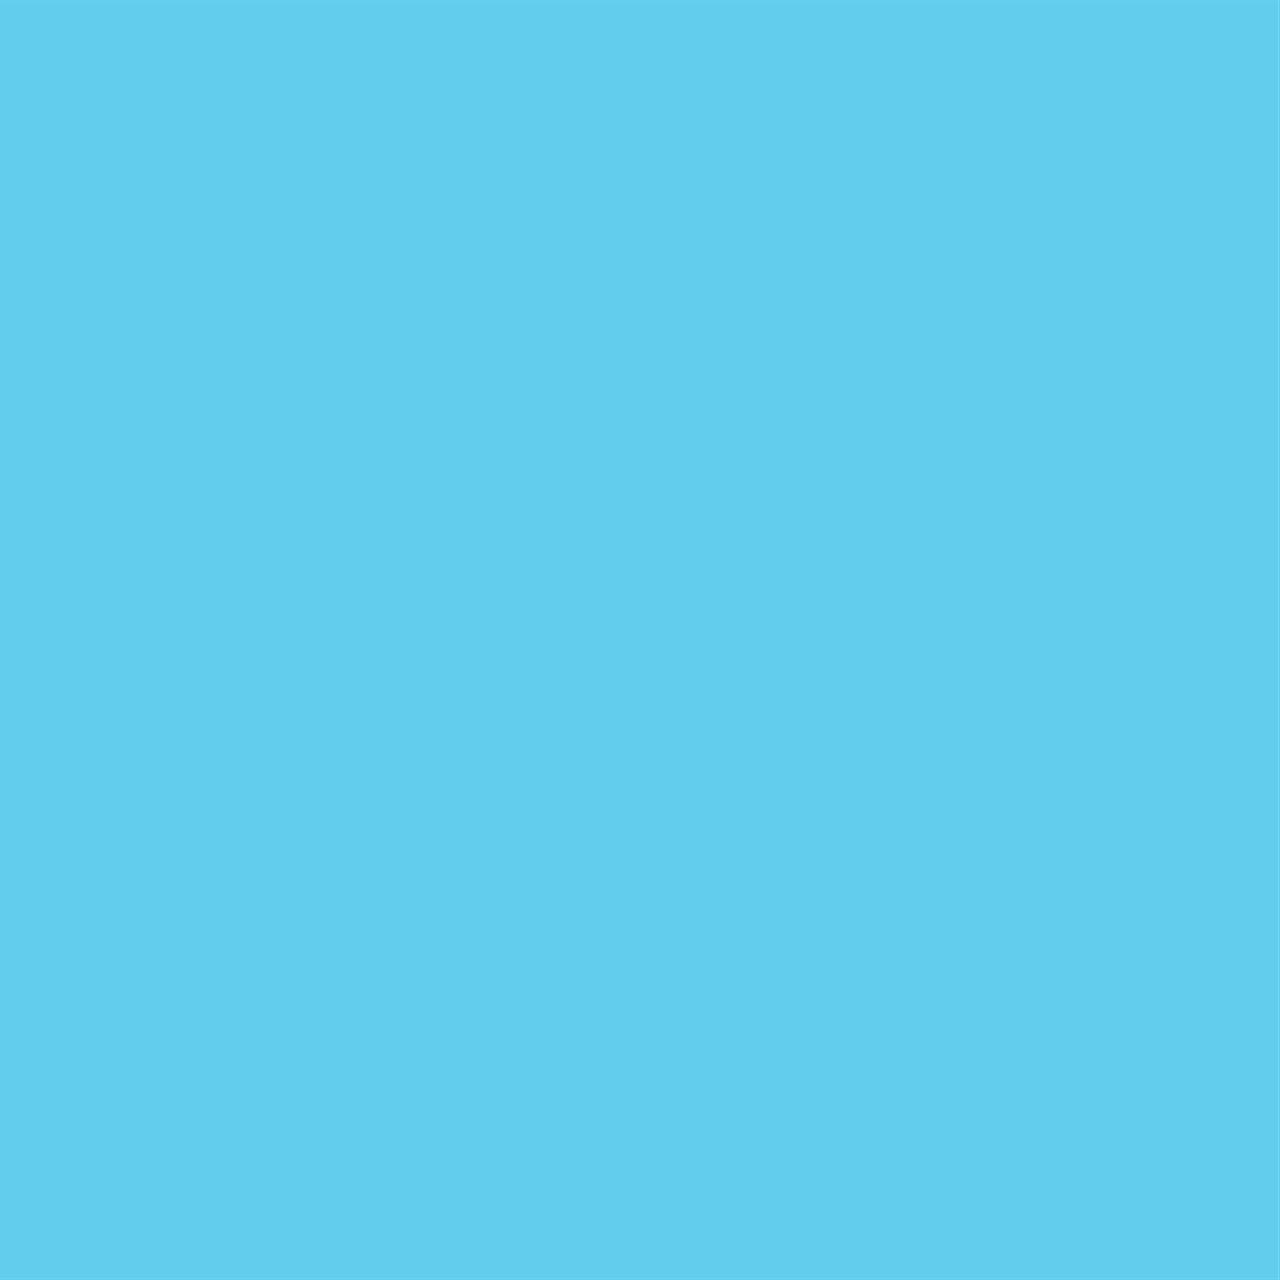 Алюминиевая композитная панель 1,22х2,44 голубой 3мм 0,18мкм